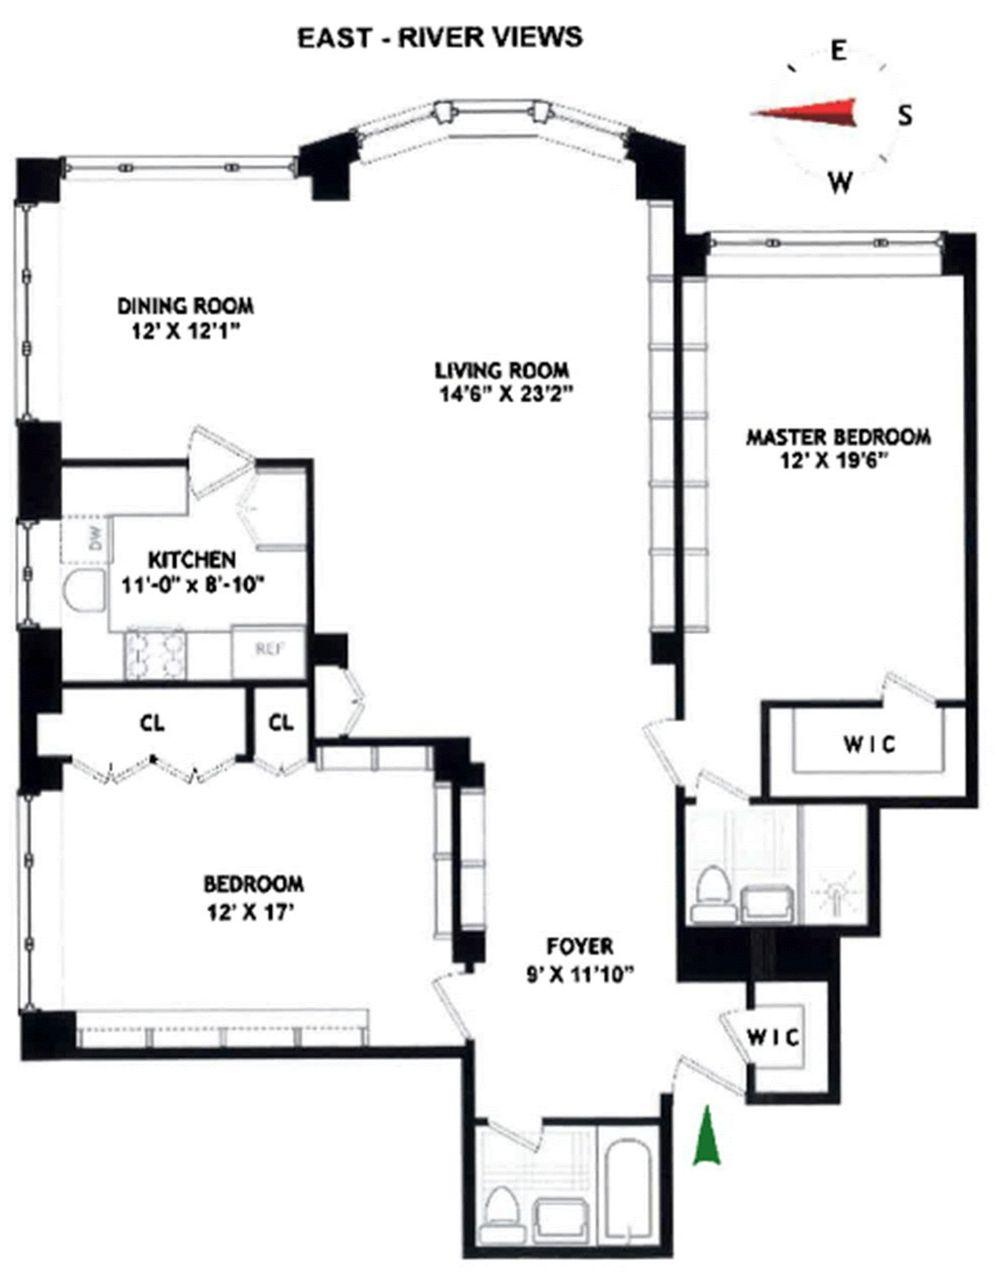 45 Sutton Place South #5K floor plan